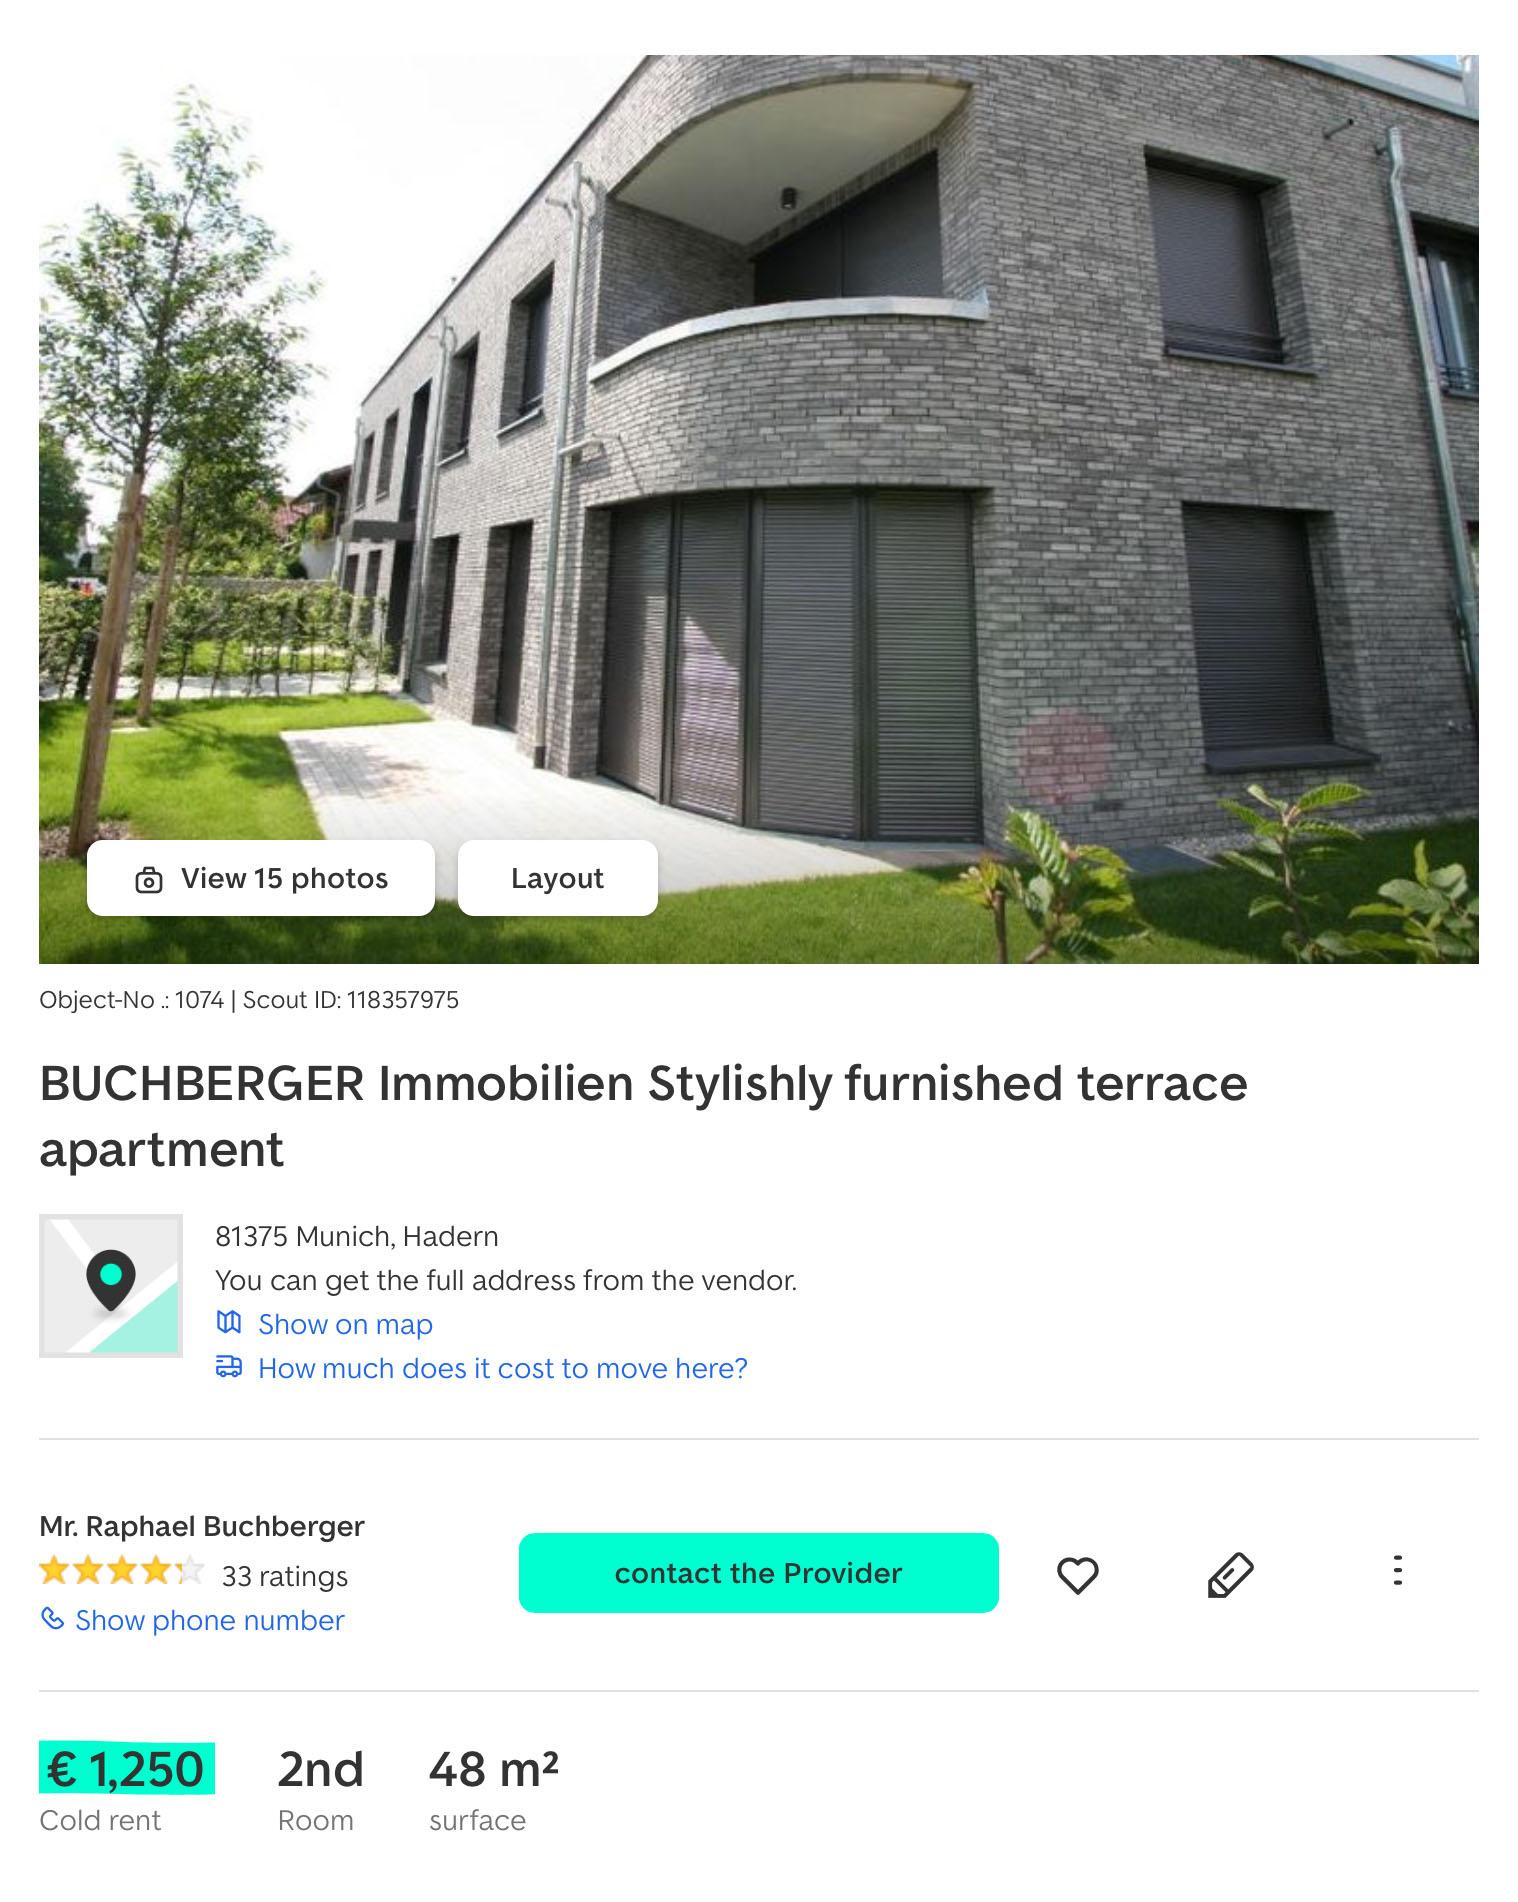 Симпатичная квартира в центре за 1250€ по карману не каждому студенту. С коммунальными услугами окончательная стоимость будет минимум на 200€ дороже